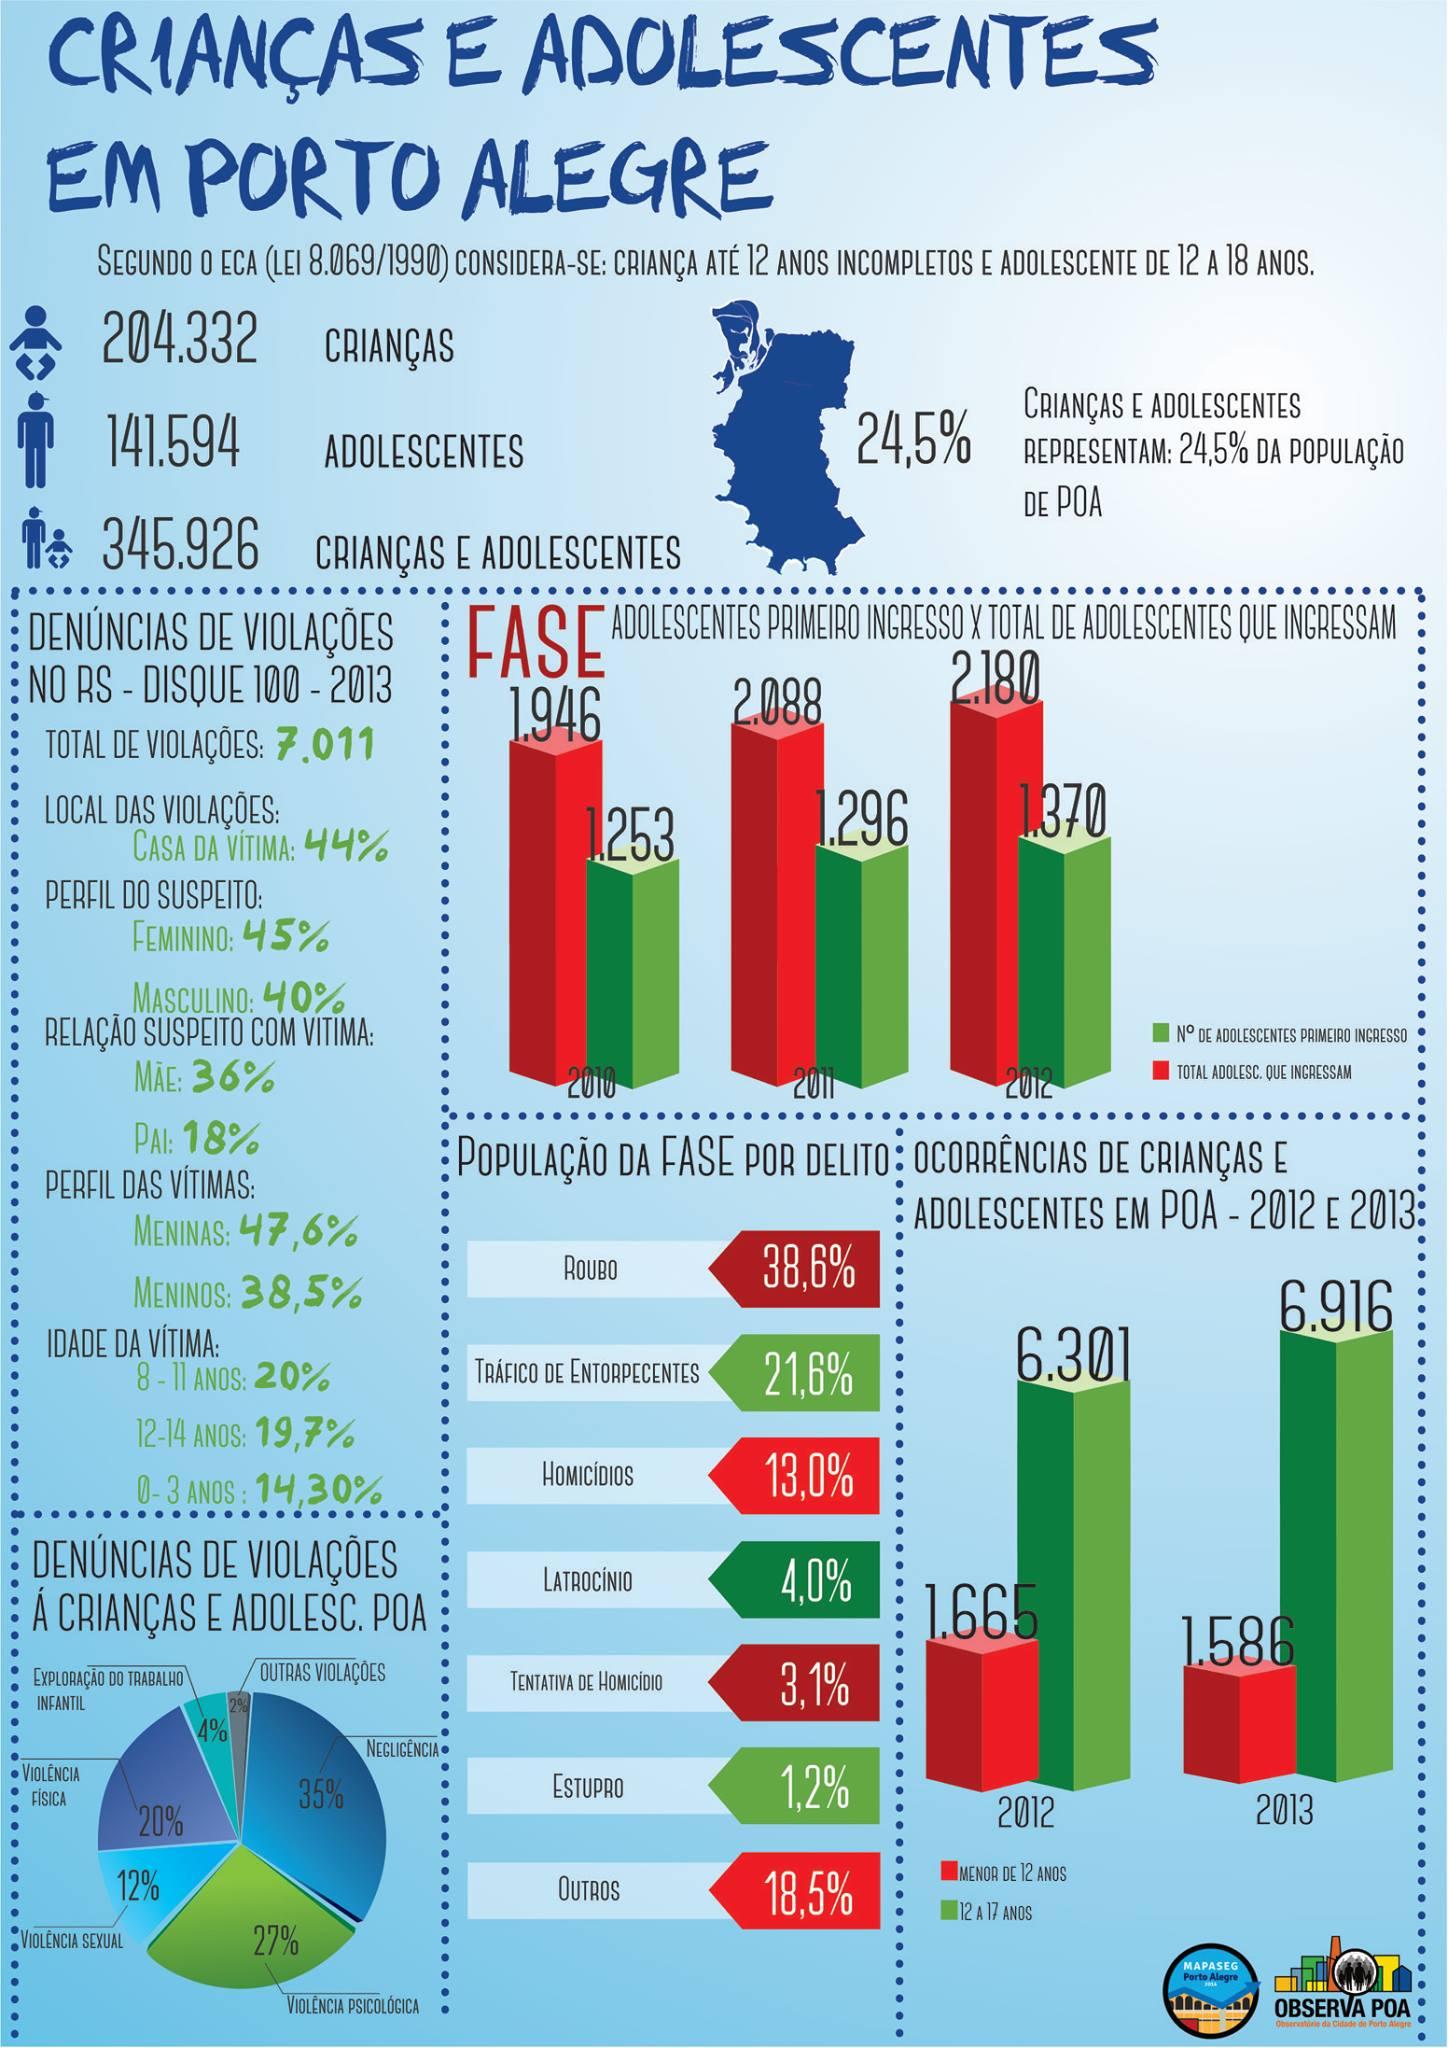 Infográfico sobre a população de menores de 18 anos  e os crimes cometidos e sofridos por elas.